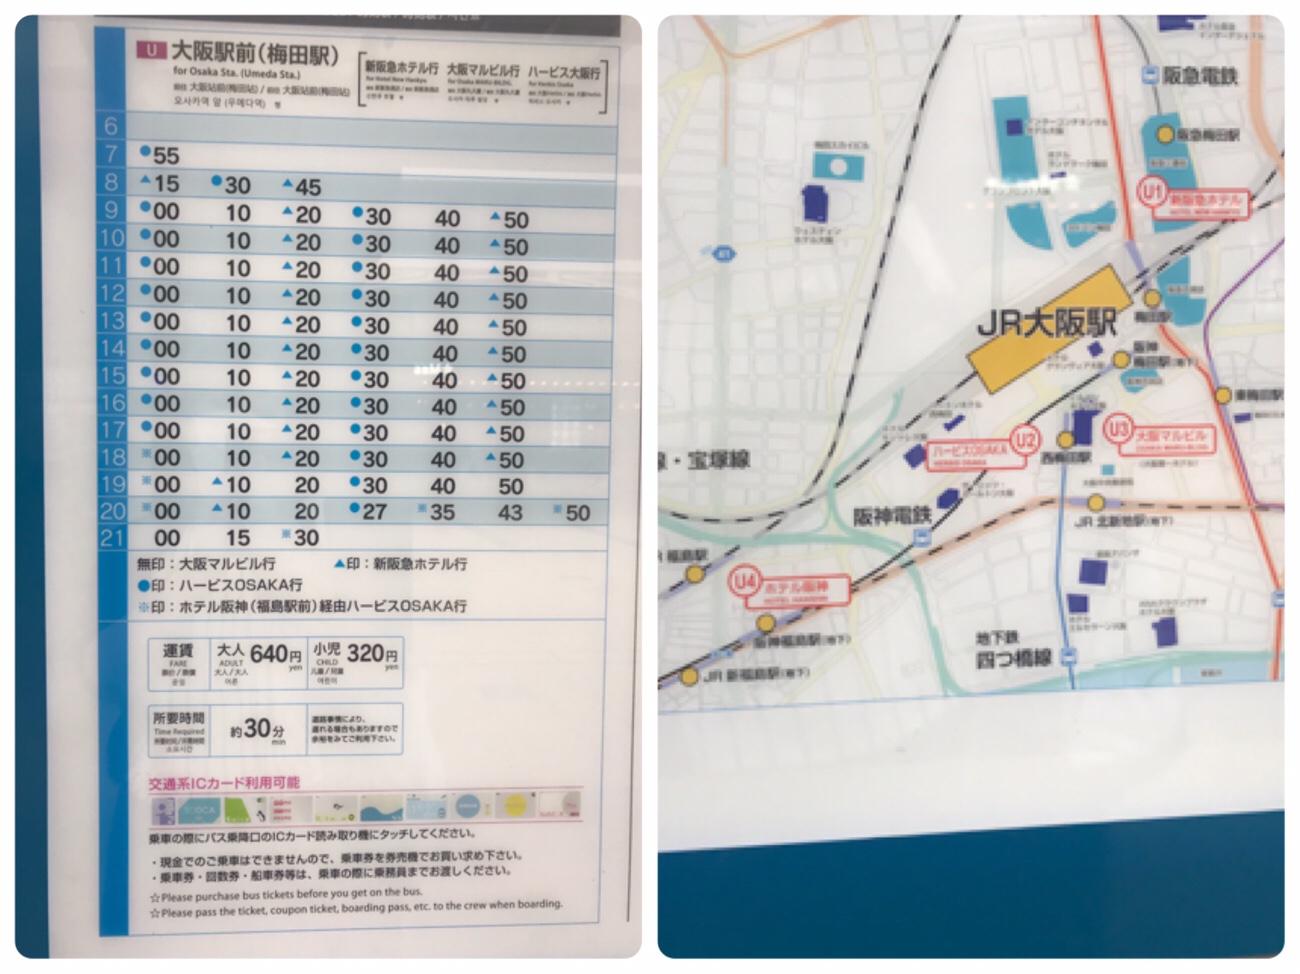 伊丹空港から大阪駅(梅田駅)リムジンバス乗り場と時刻表